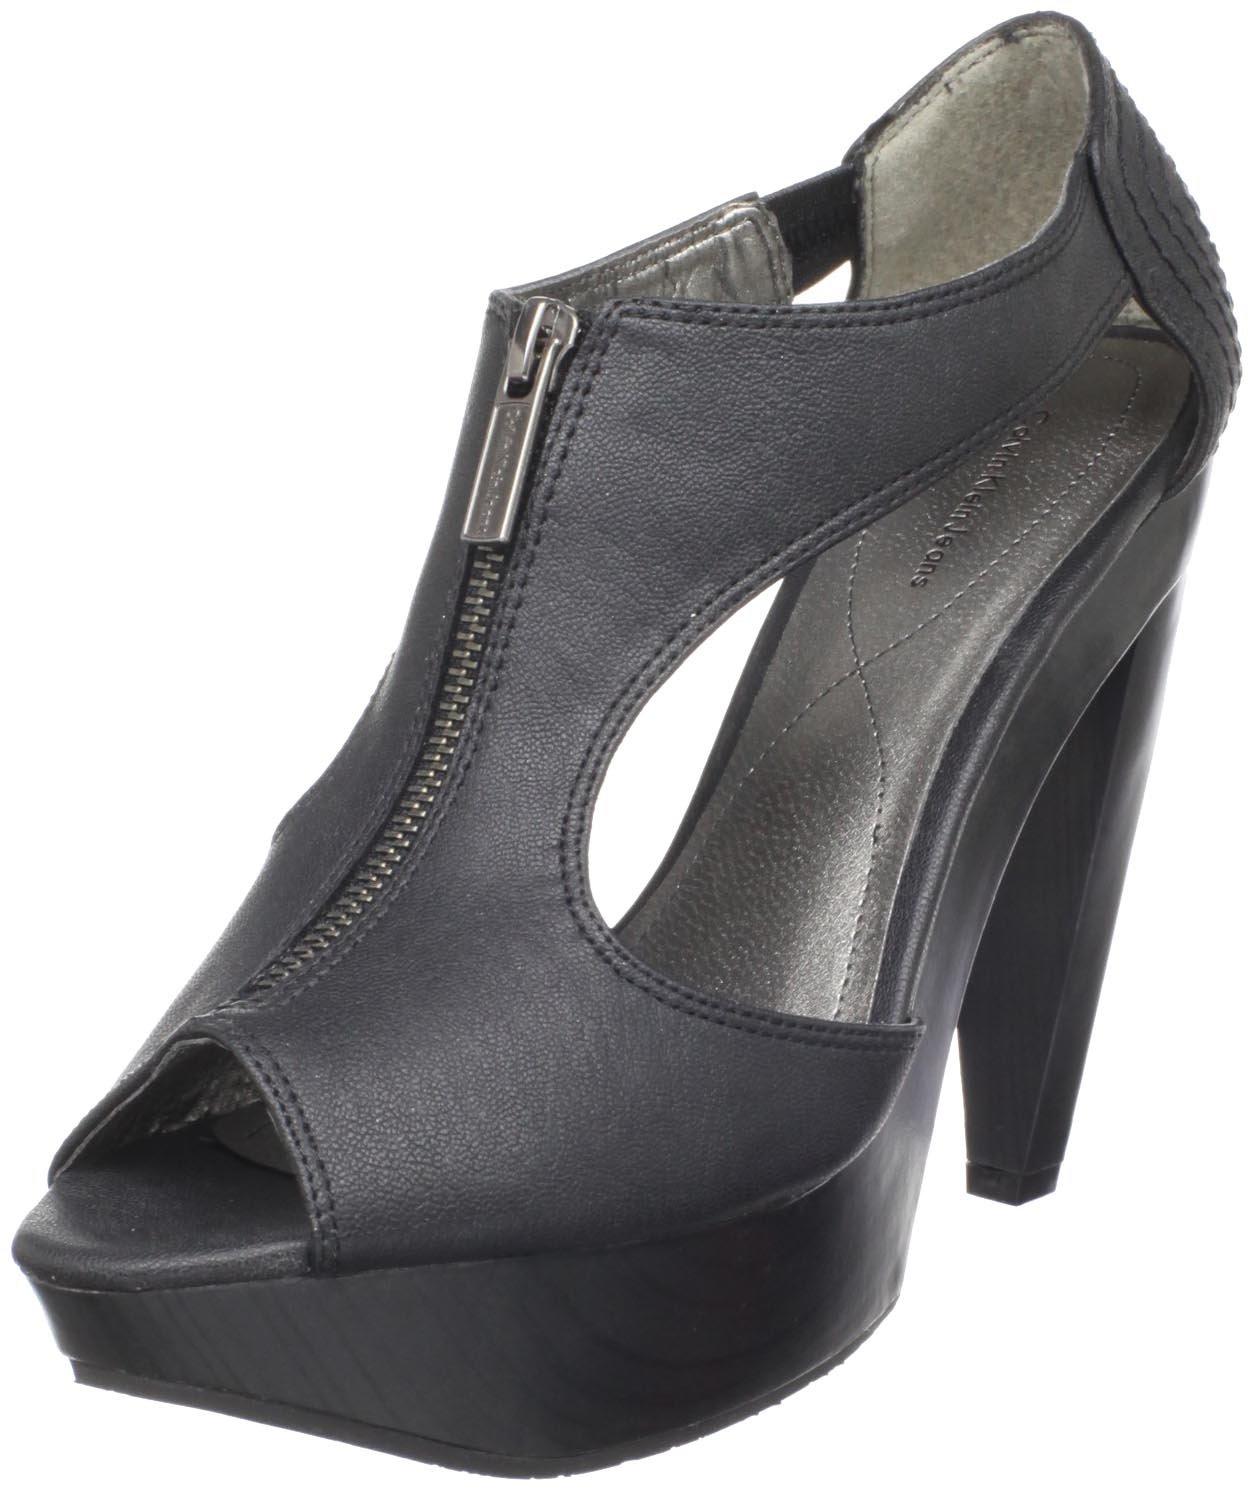 Calvin Klein CK Jeans Women's Sherry Platform Sandal B004SKHR5O 39 EU/8 B US|Black